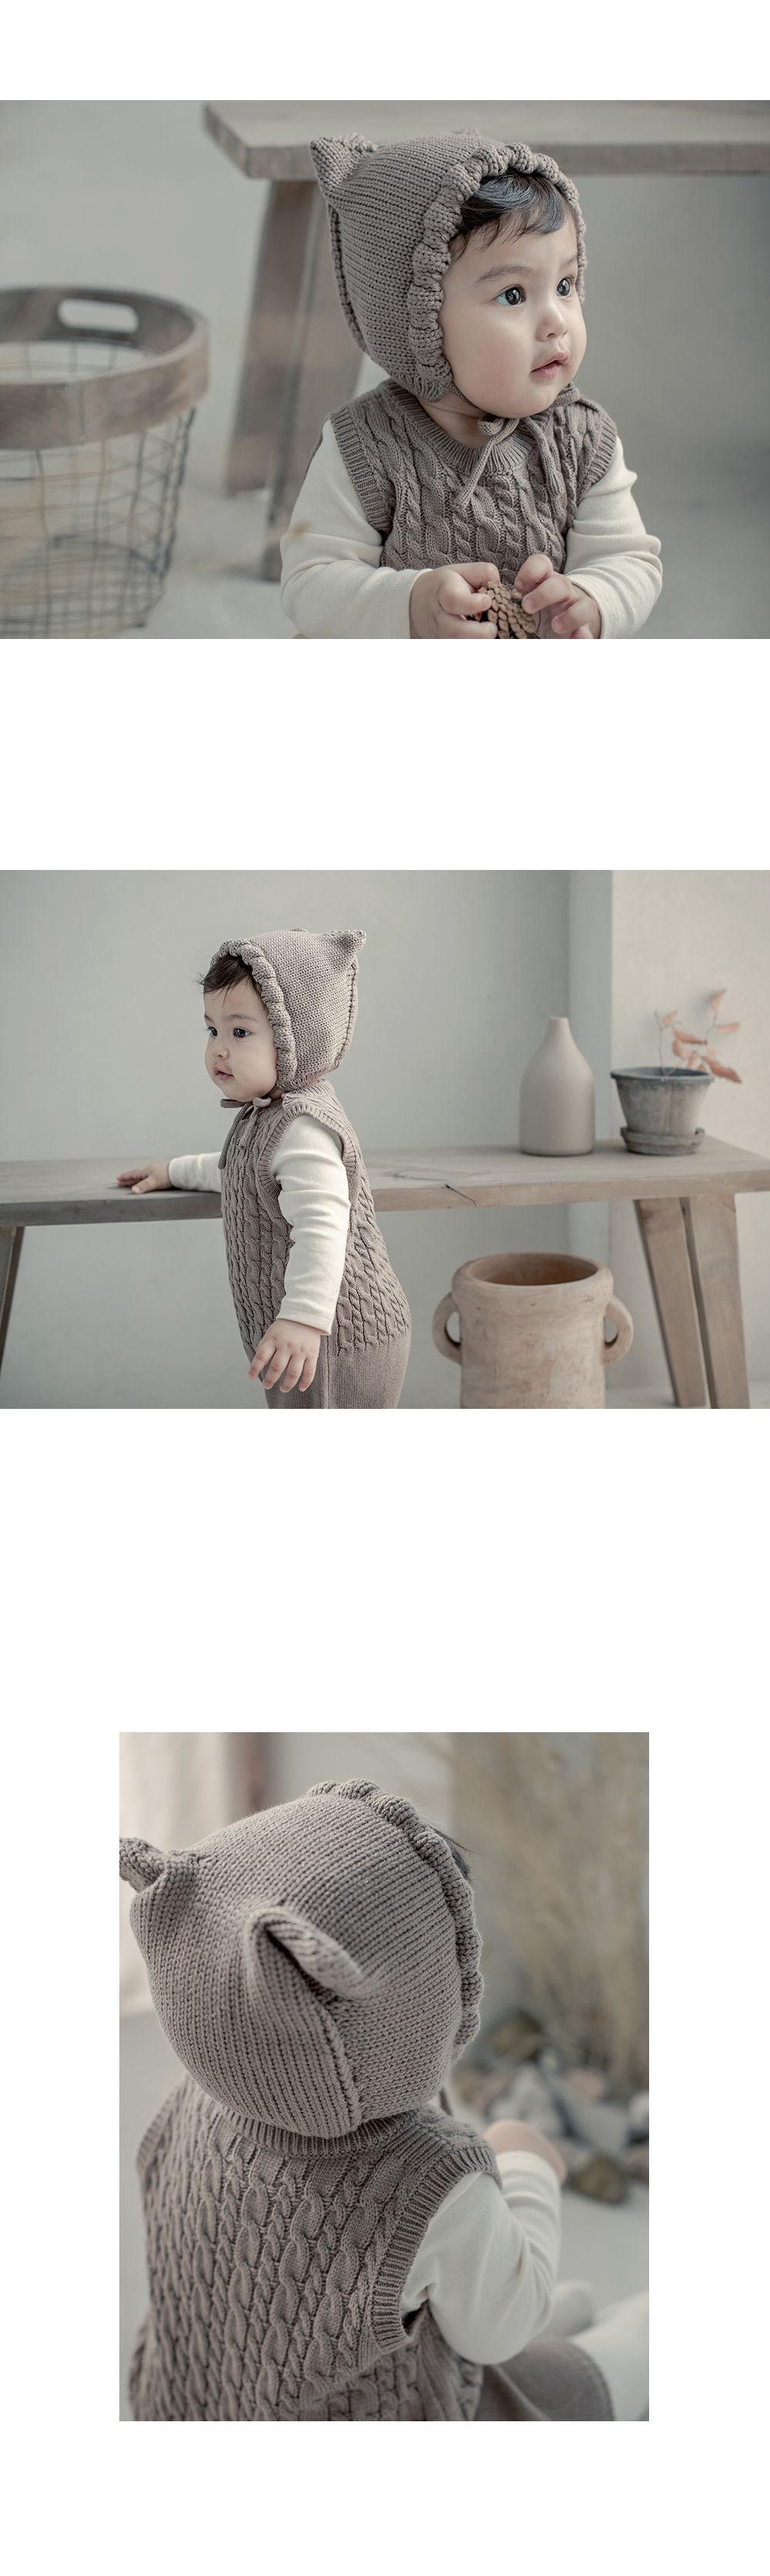 HAPPY PRINCE - Korean Children Fashion - #Kfashion4kids - Fla Knit Baby Bonnet - 3